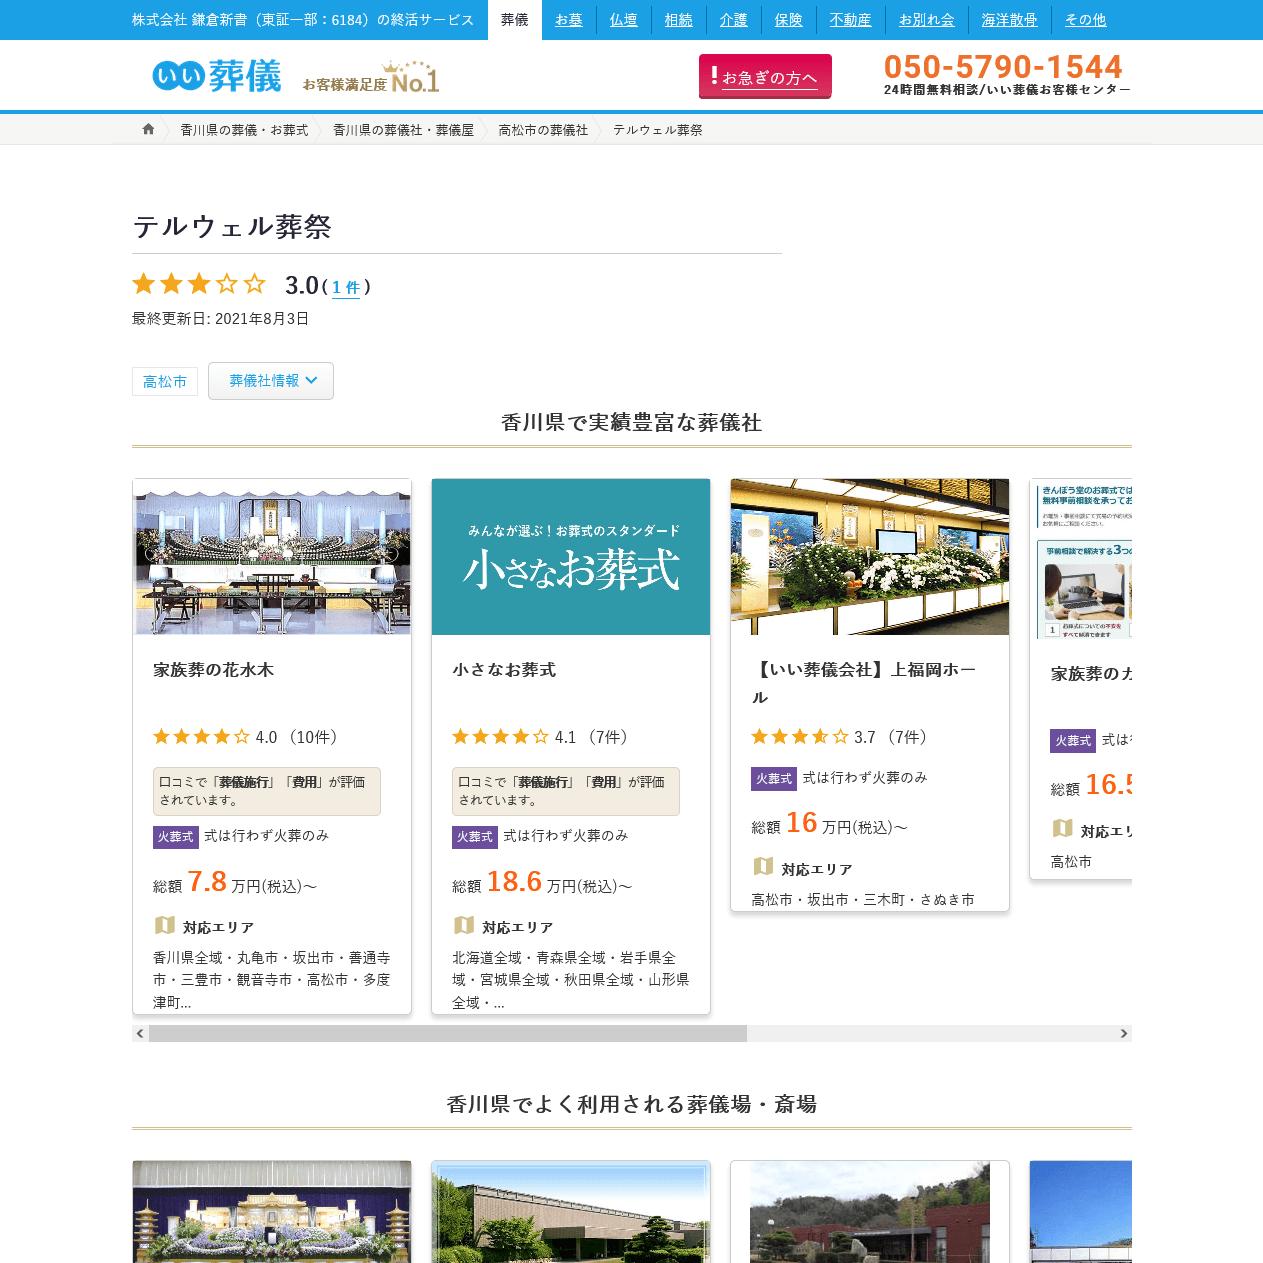 """<span class=""""title"""">テルウェル葬祭の口コミや評判</span>"""